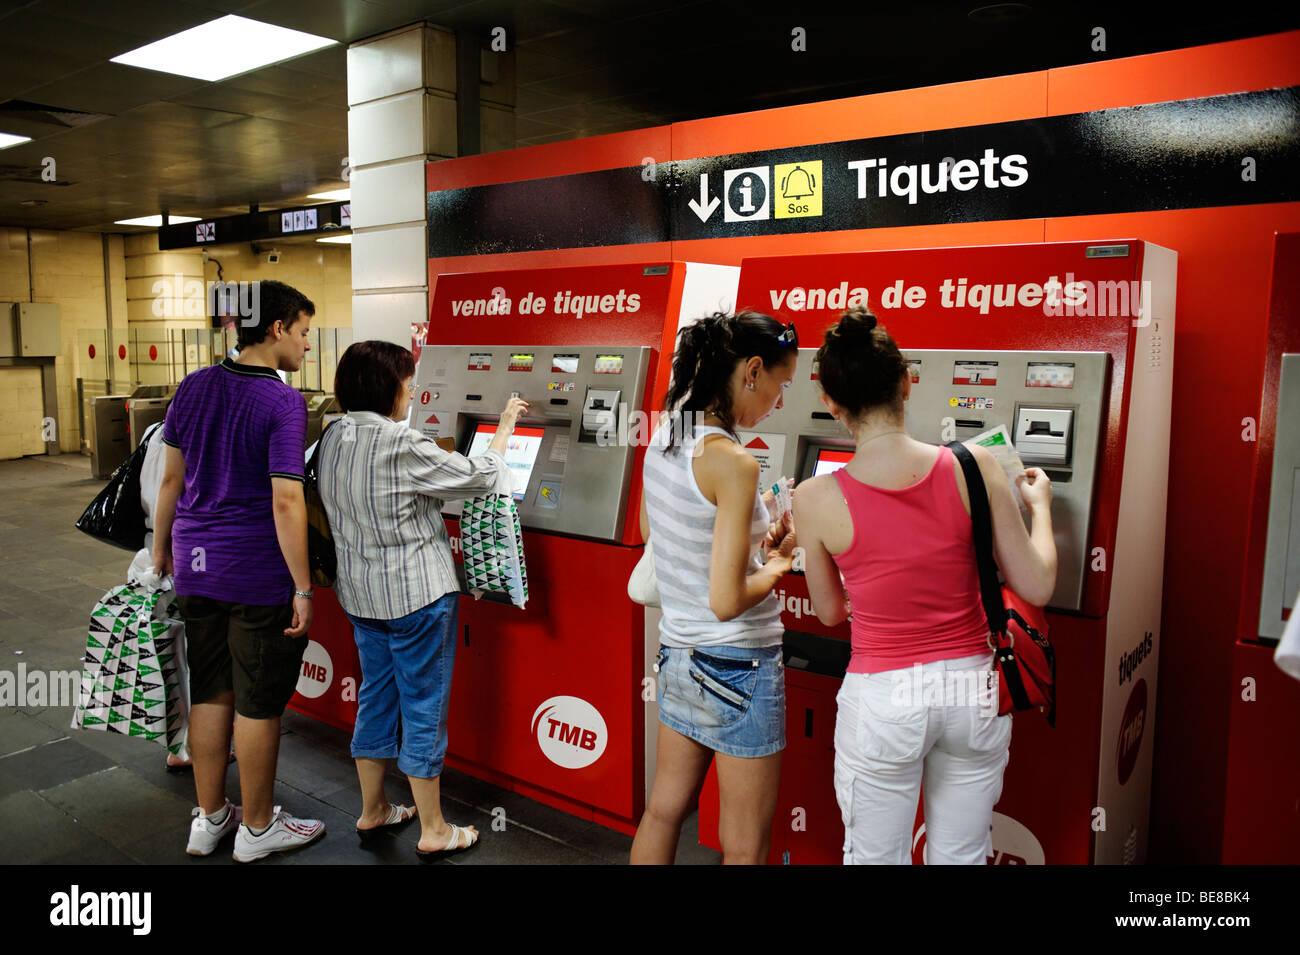 Las personas que compran los billetes de metro en una máquina expendedora. Barcelona. España Imagen De Stock